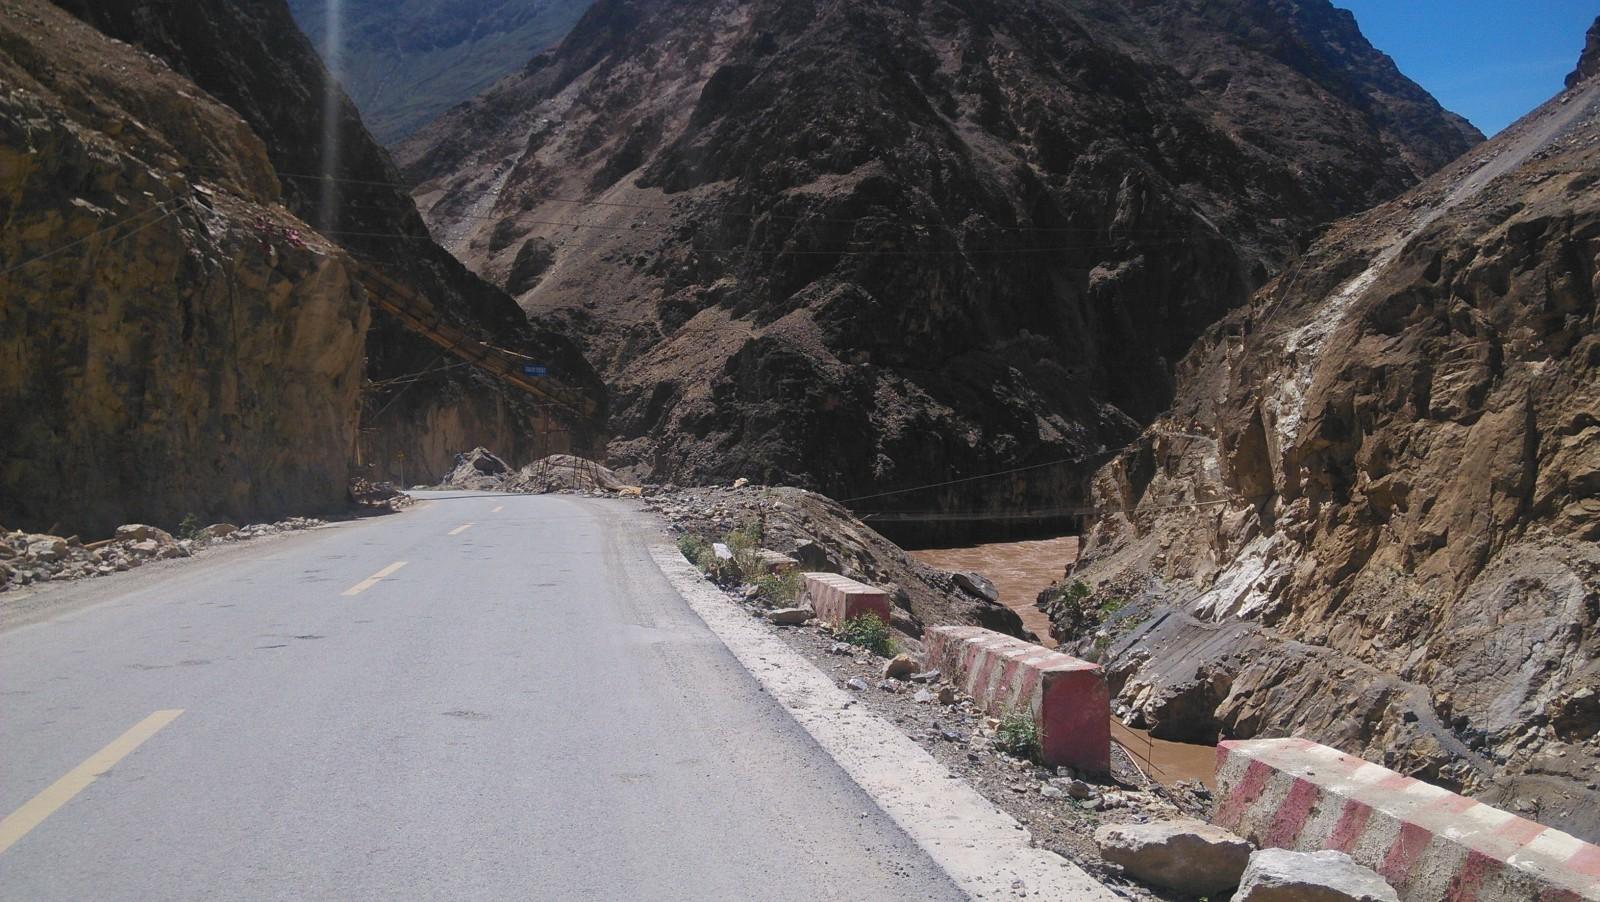 因为山上经常掉石头下来,于是用这样的斜桥搭着